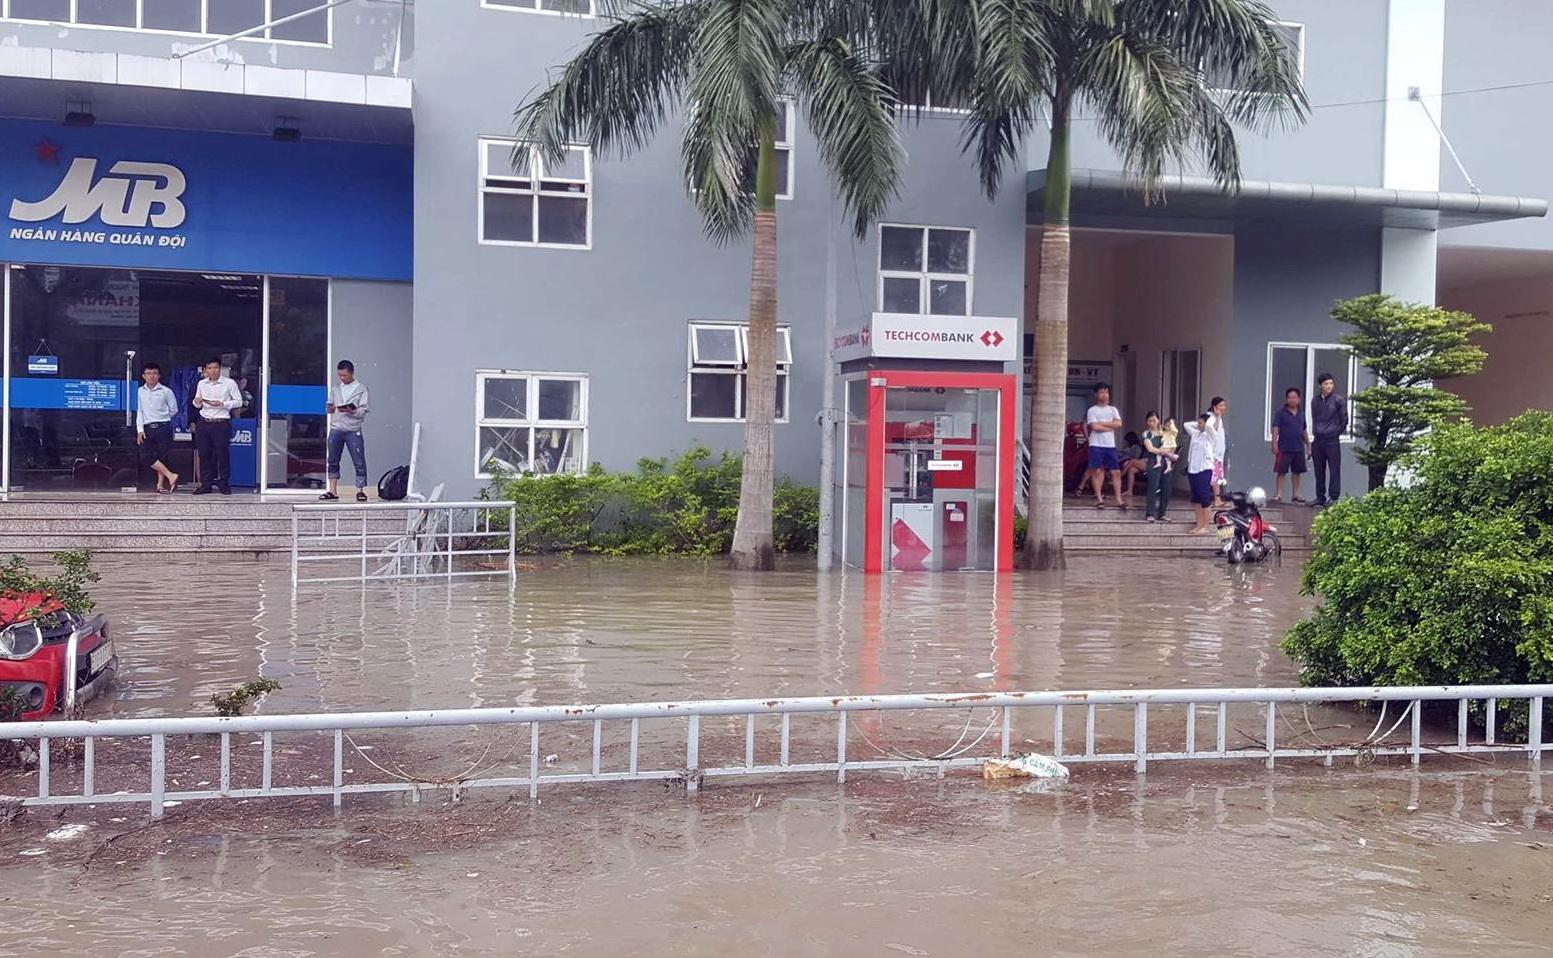 Quốc lộ 51 ngập nặng, hầm xe chìm trong nước, học sinh nghỉ học - Ảnh 6.